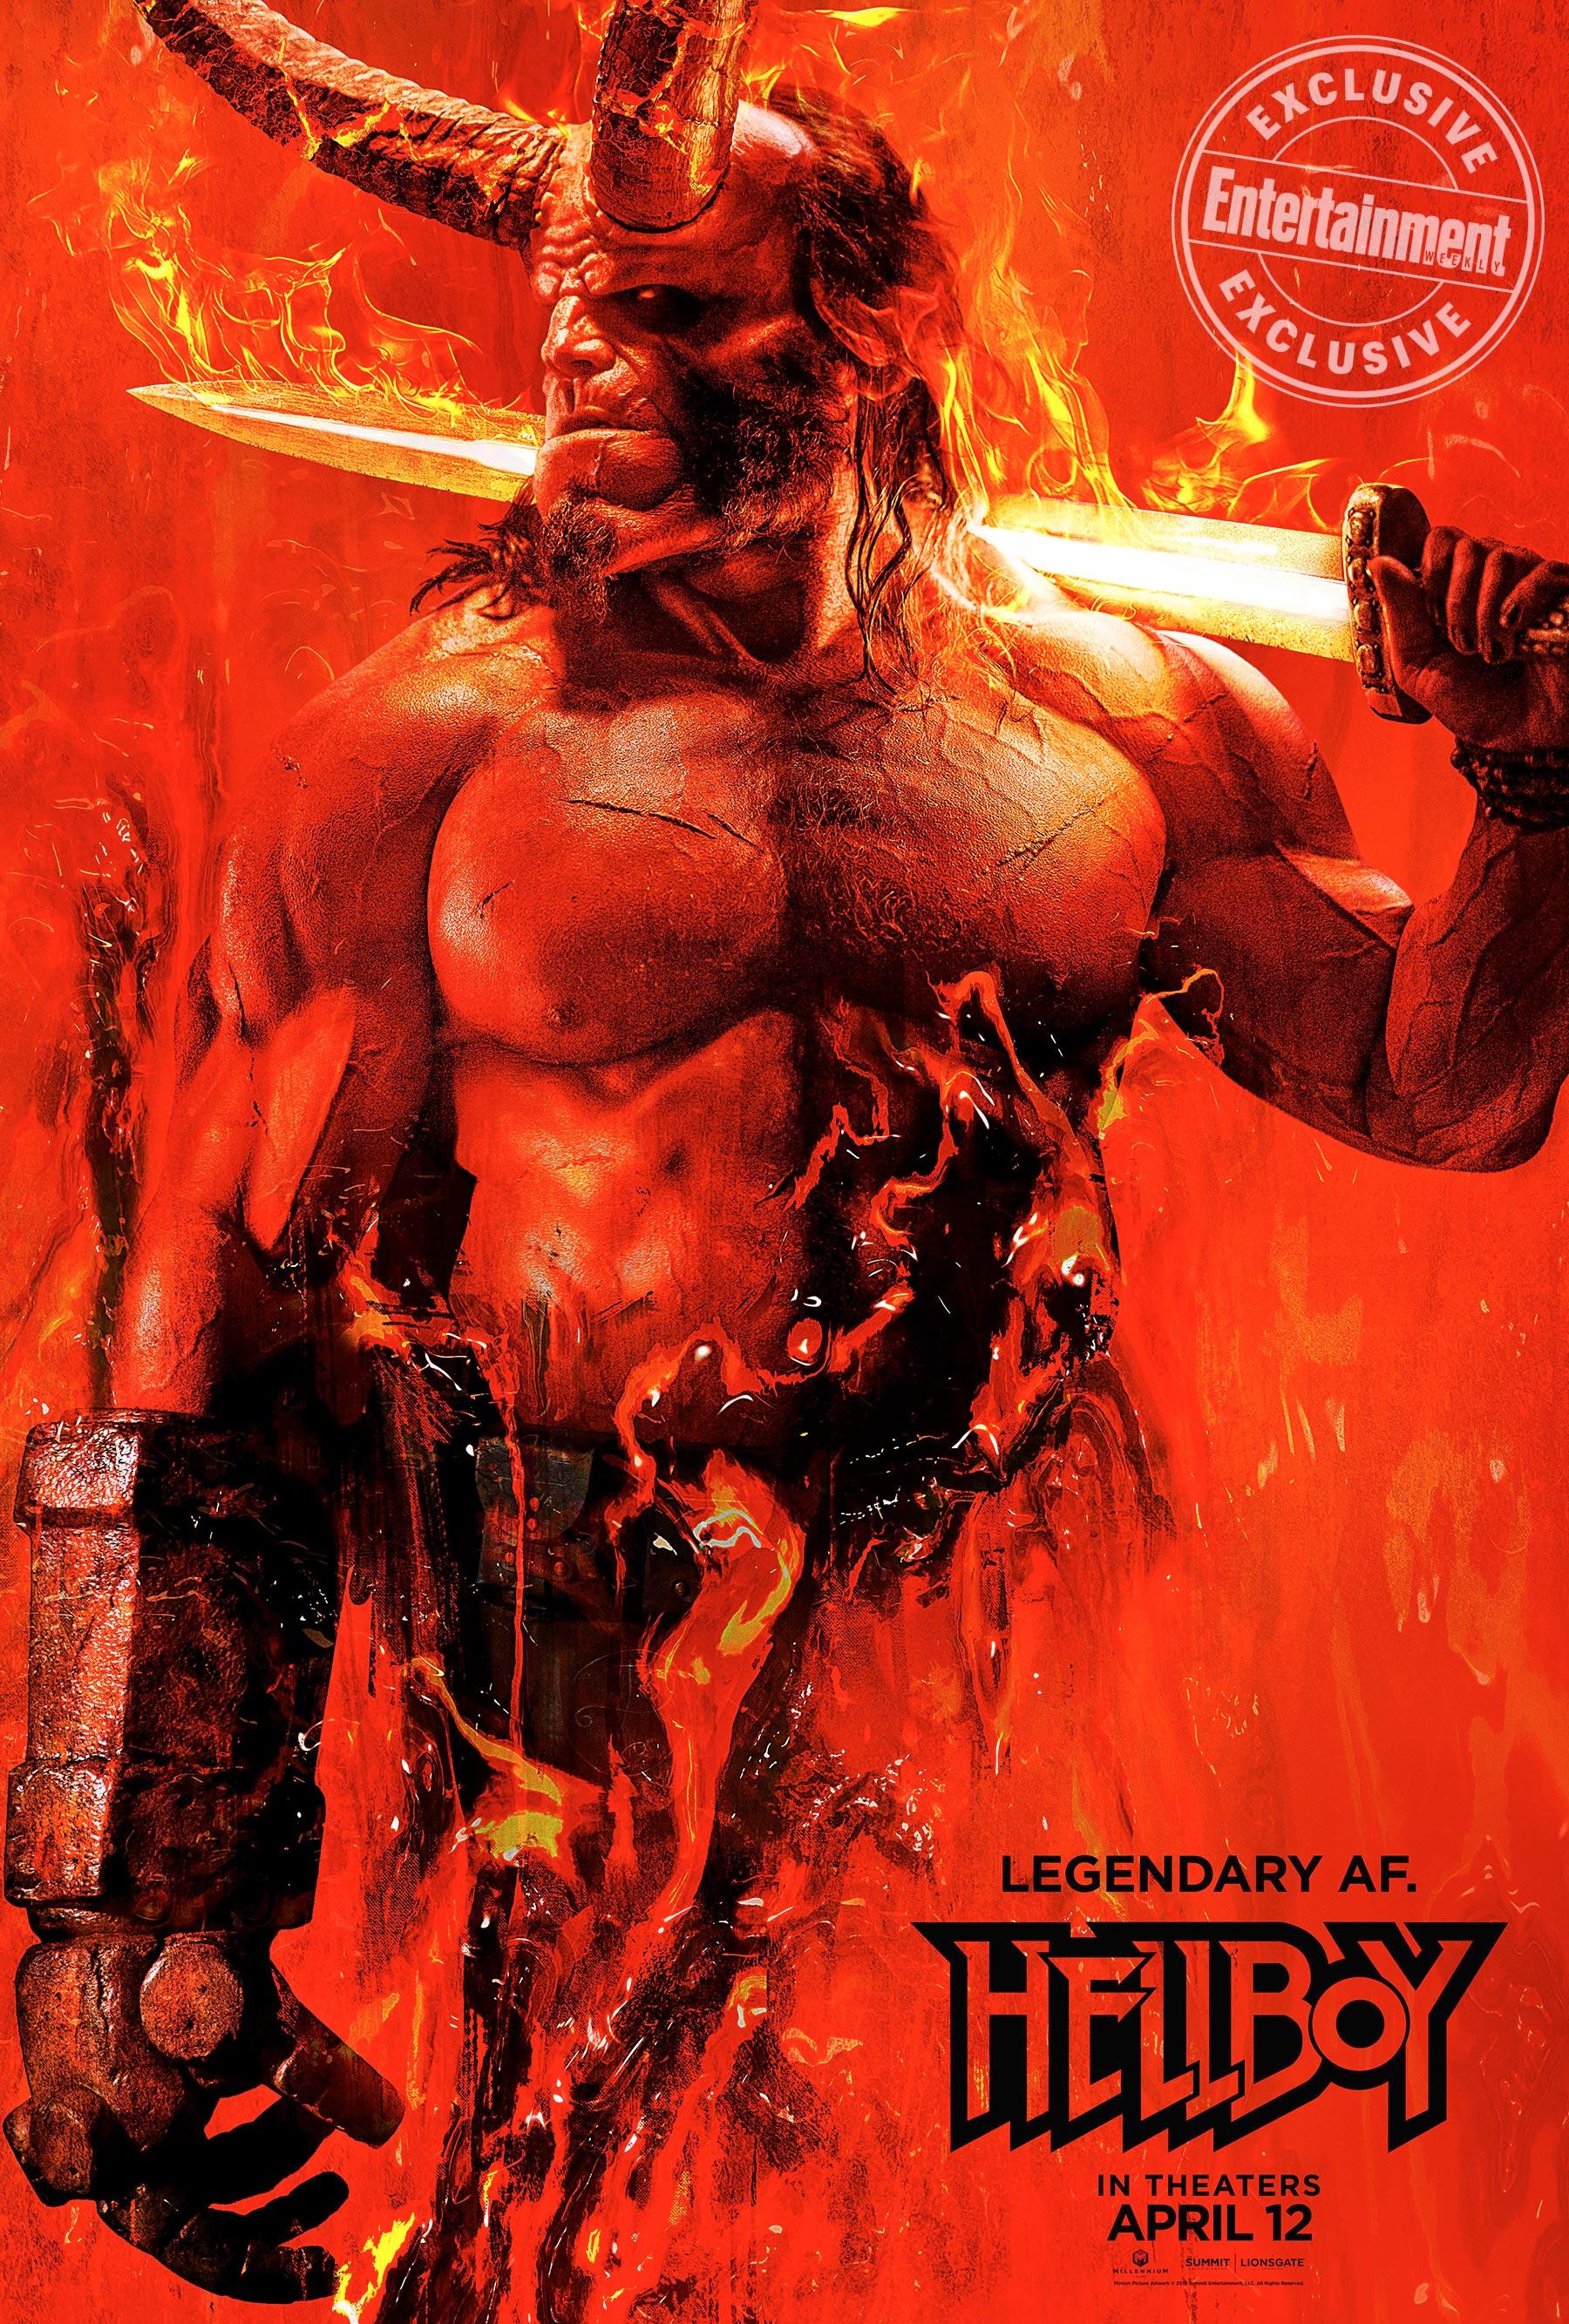 image 8 - Nueva imagen de Hellboy con David Harbour